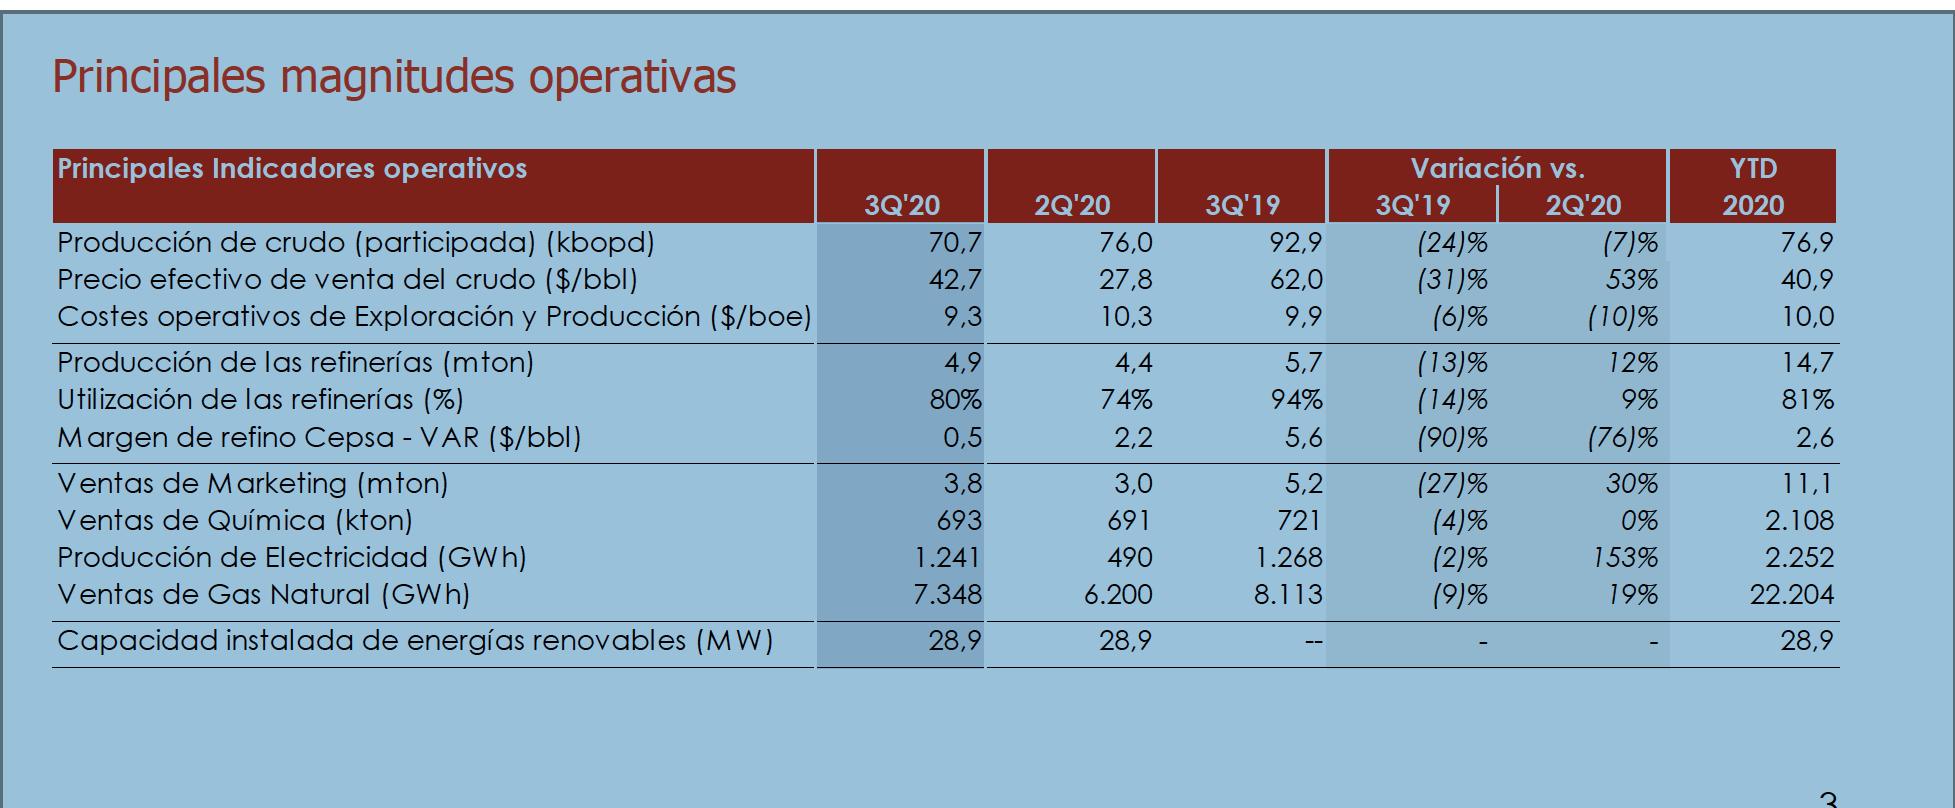 Cepsa obtiene un beneficio de 39 millones de euros frente a los 93 millones negativos del segundo trimestre de 2020